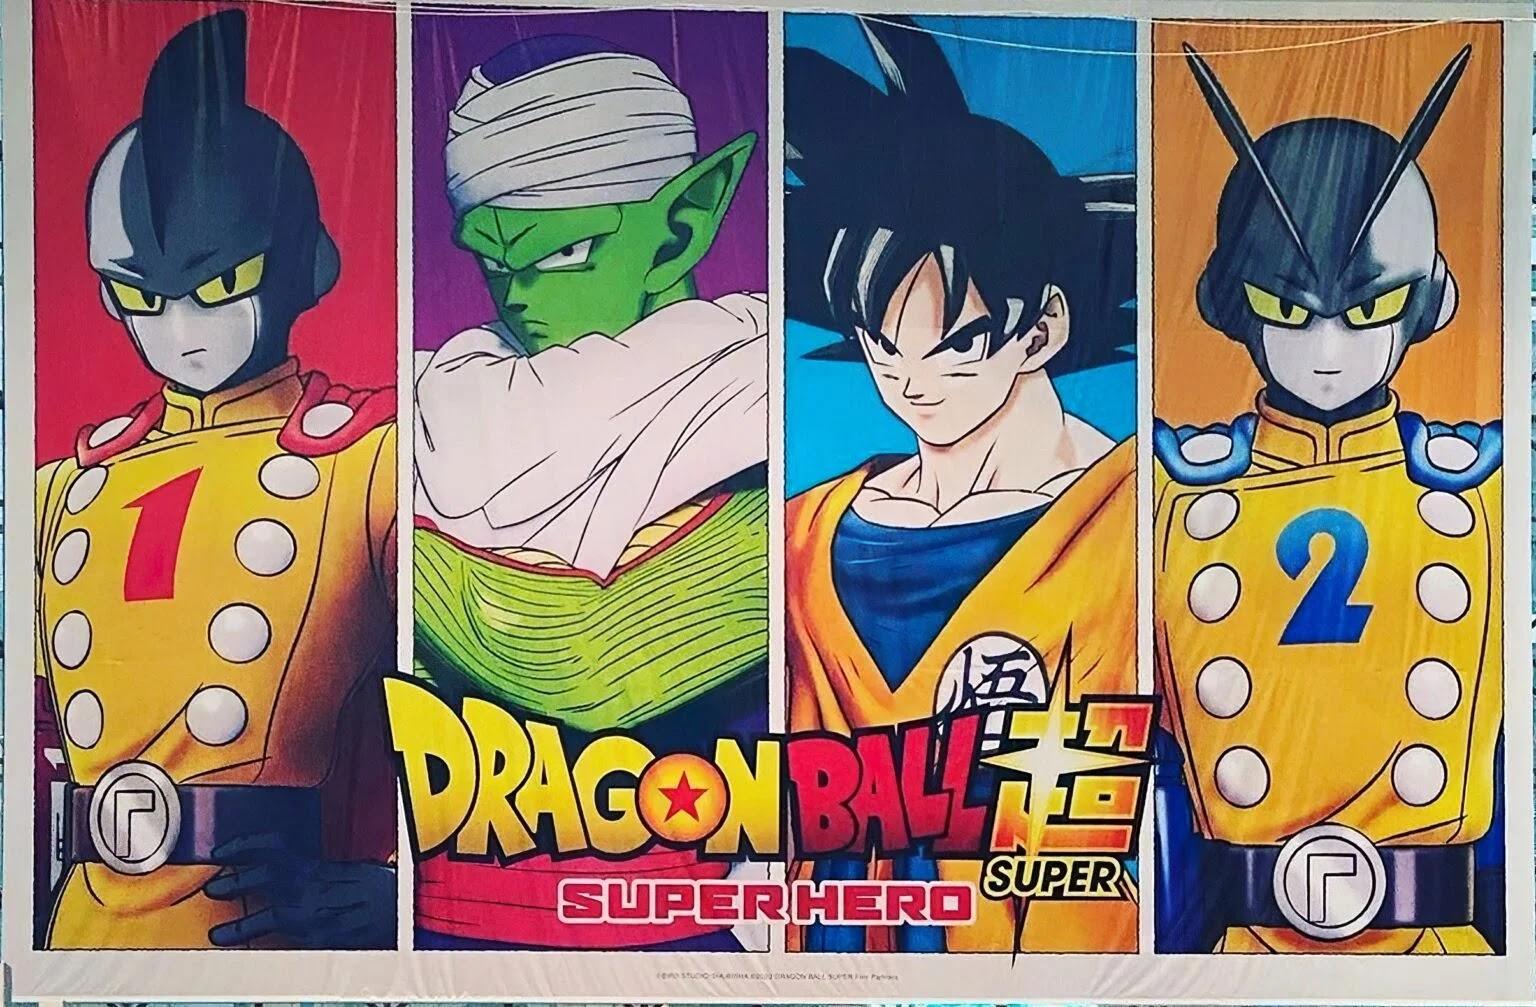 O Filme Dragon Ball Super: Super Hero divulgou um novo pôster promocional